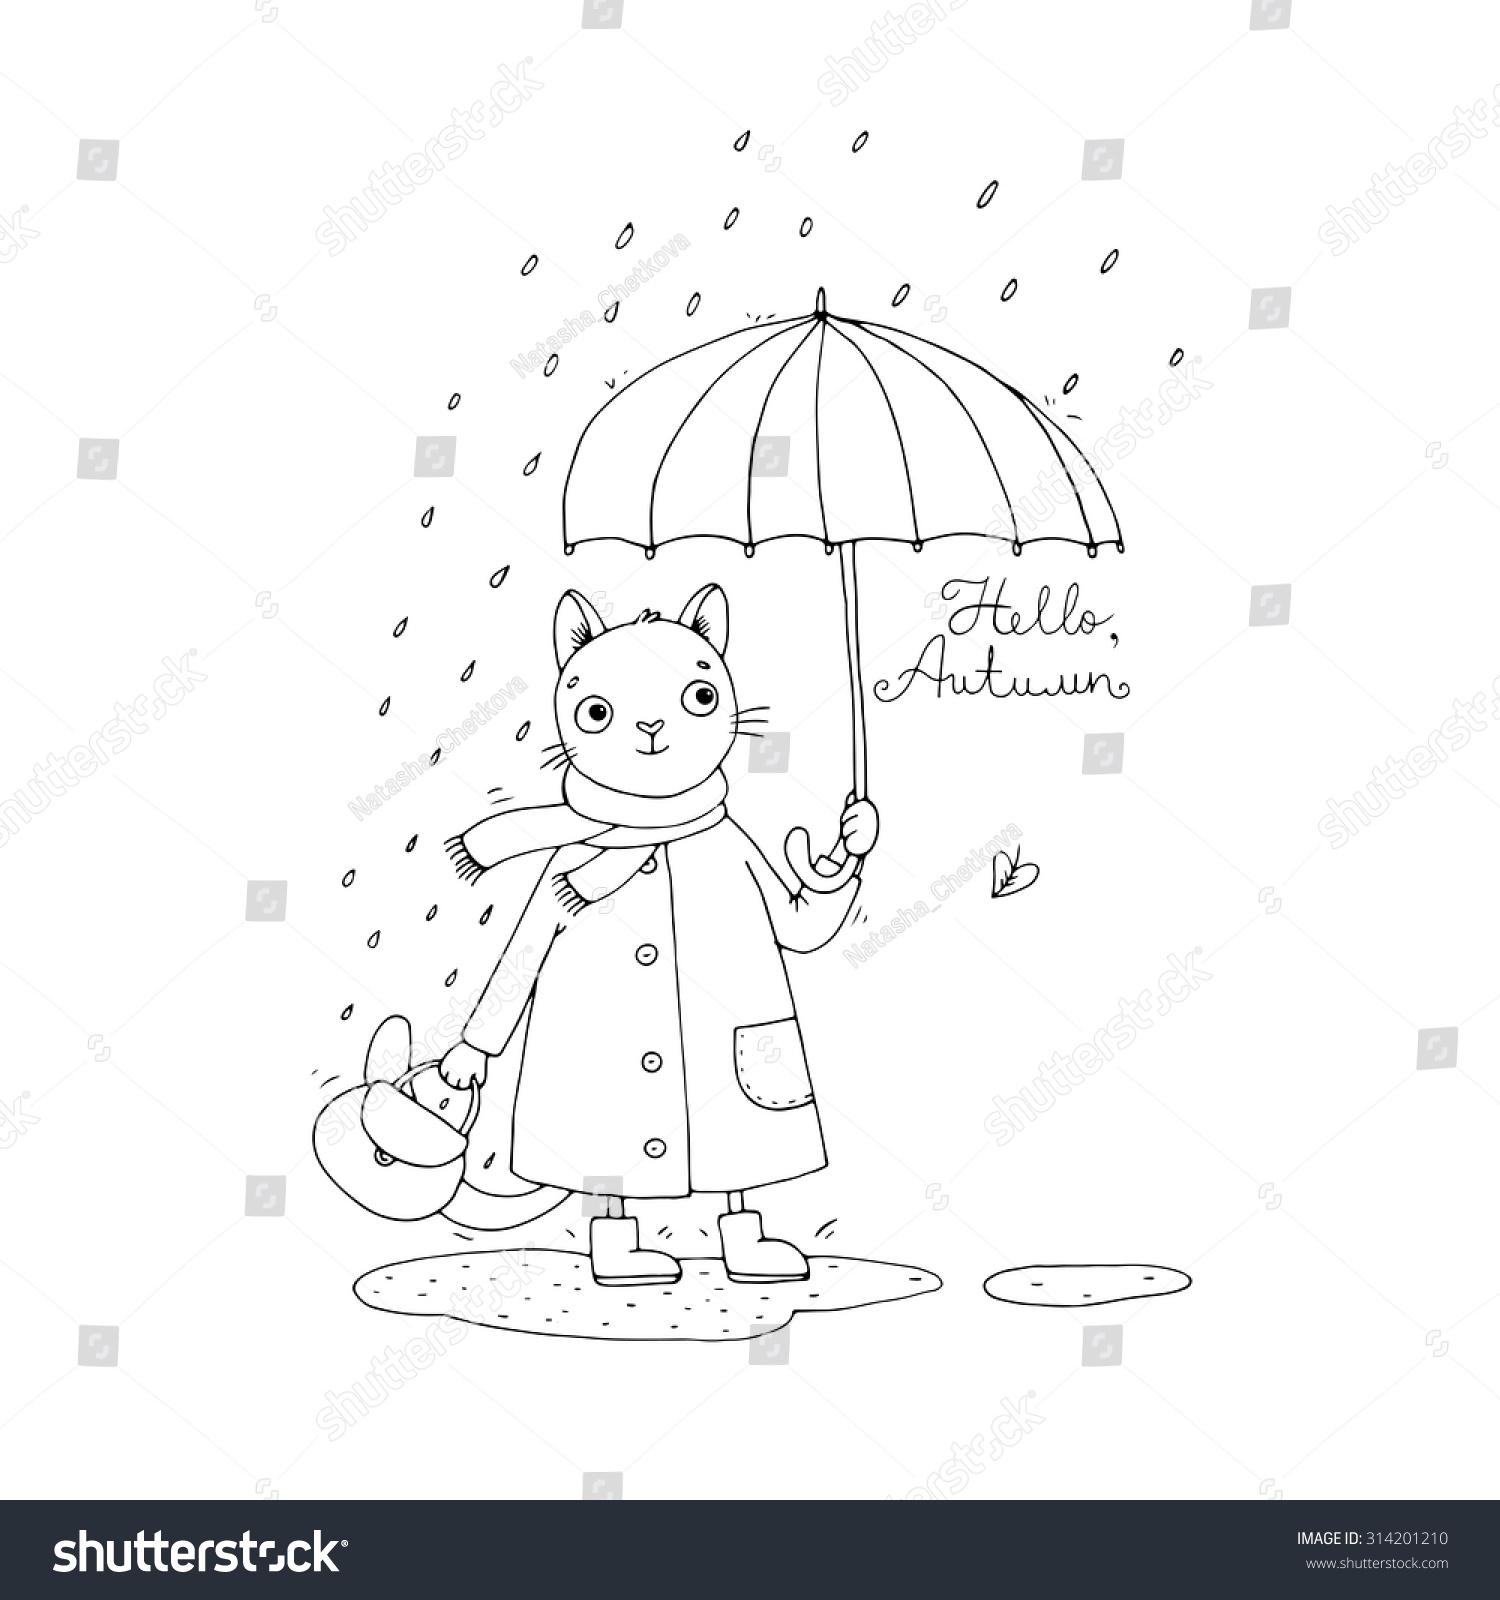 可爱的卡通猫,雨伞,雨和水坑。手绘孤立在白色背景的对象。矢量插图。彩色的书。你好,秋天。 - 动物/野生生物,艺术 - 站酷海洛创意正版图片,视频,音乐素材交易平台 - Shutterstock中国独家合作伙伴 - 站酷旗下品牌